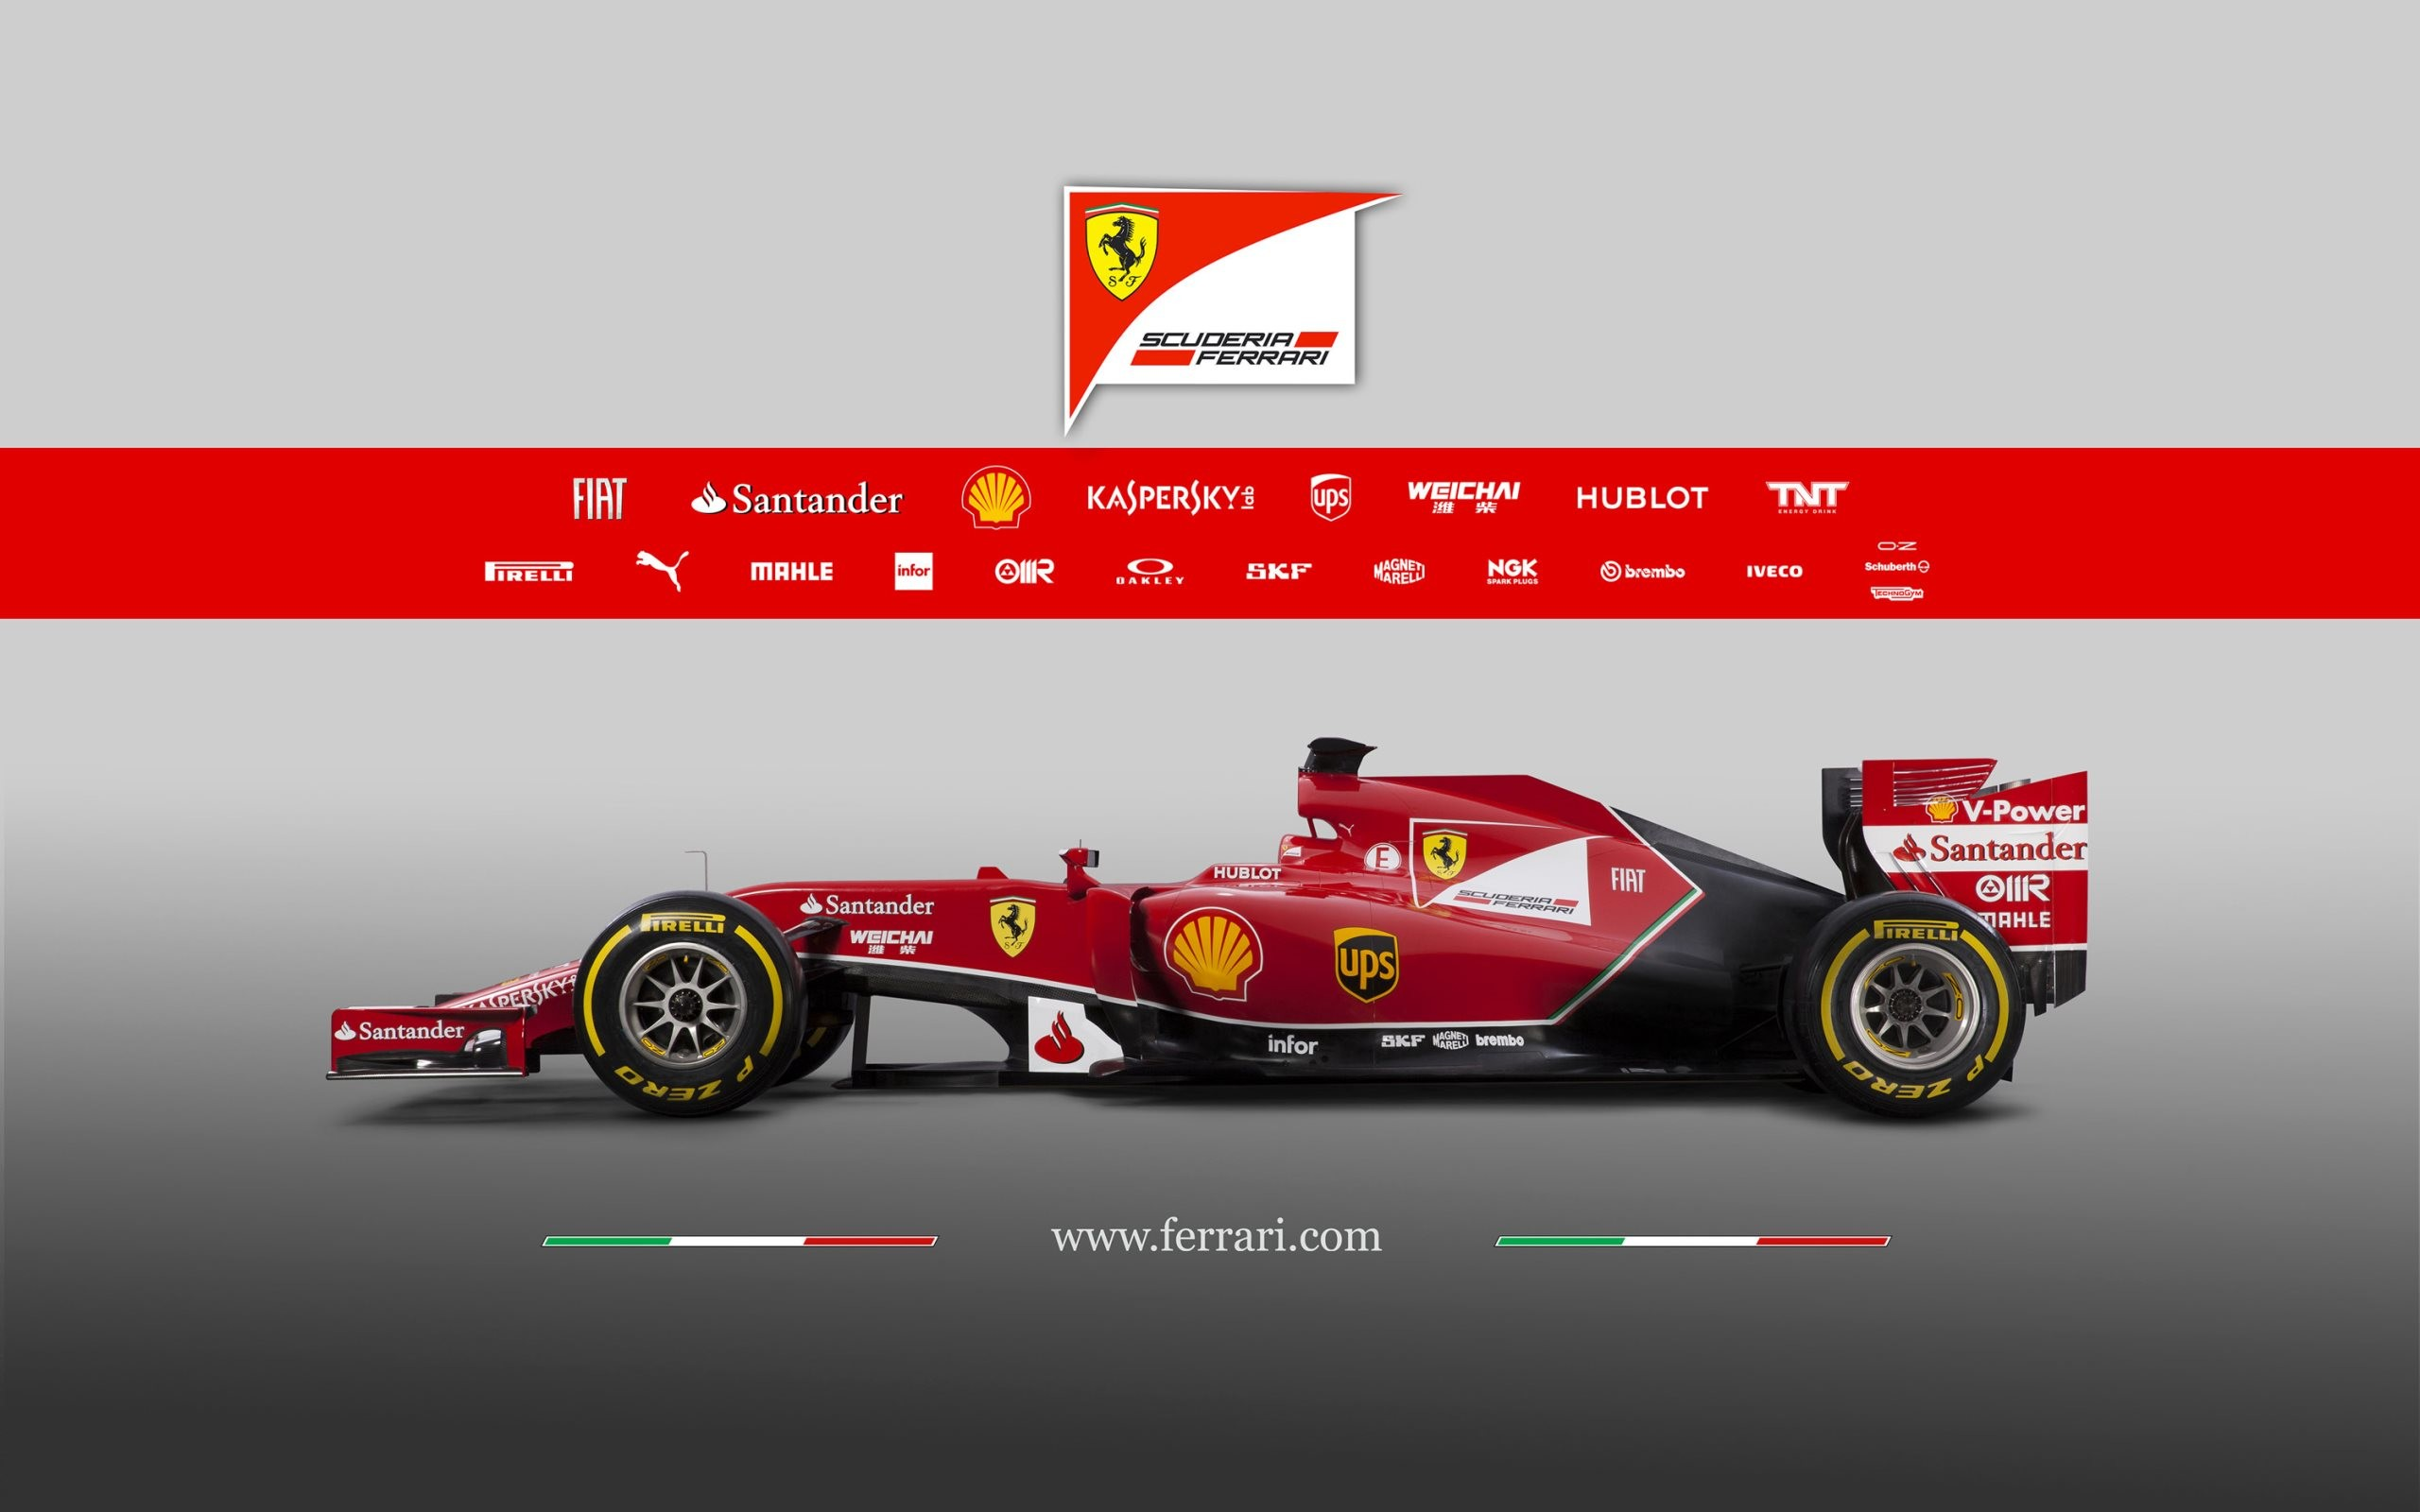 Scuderia Ferrari Wallpapers 71 Images